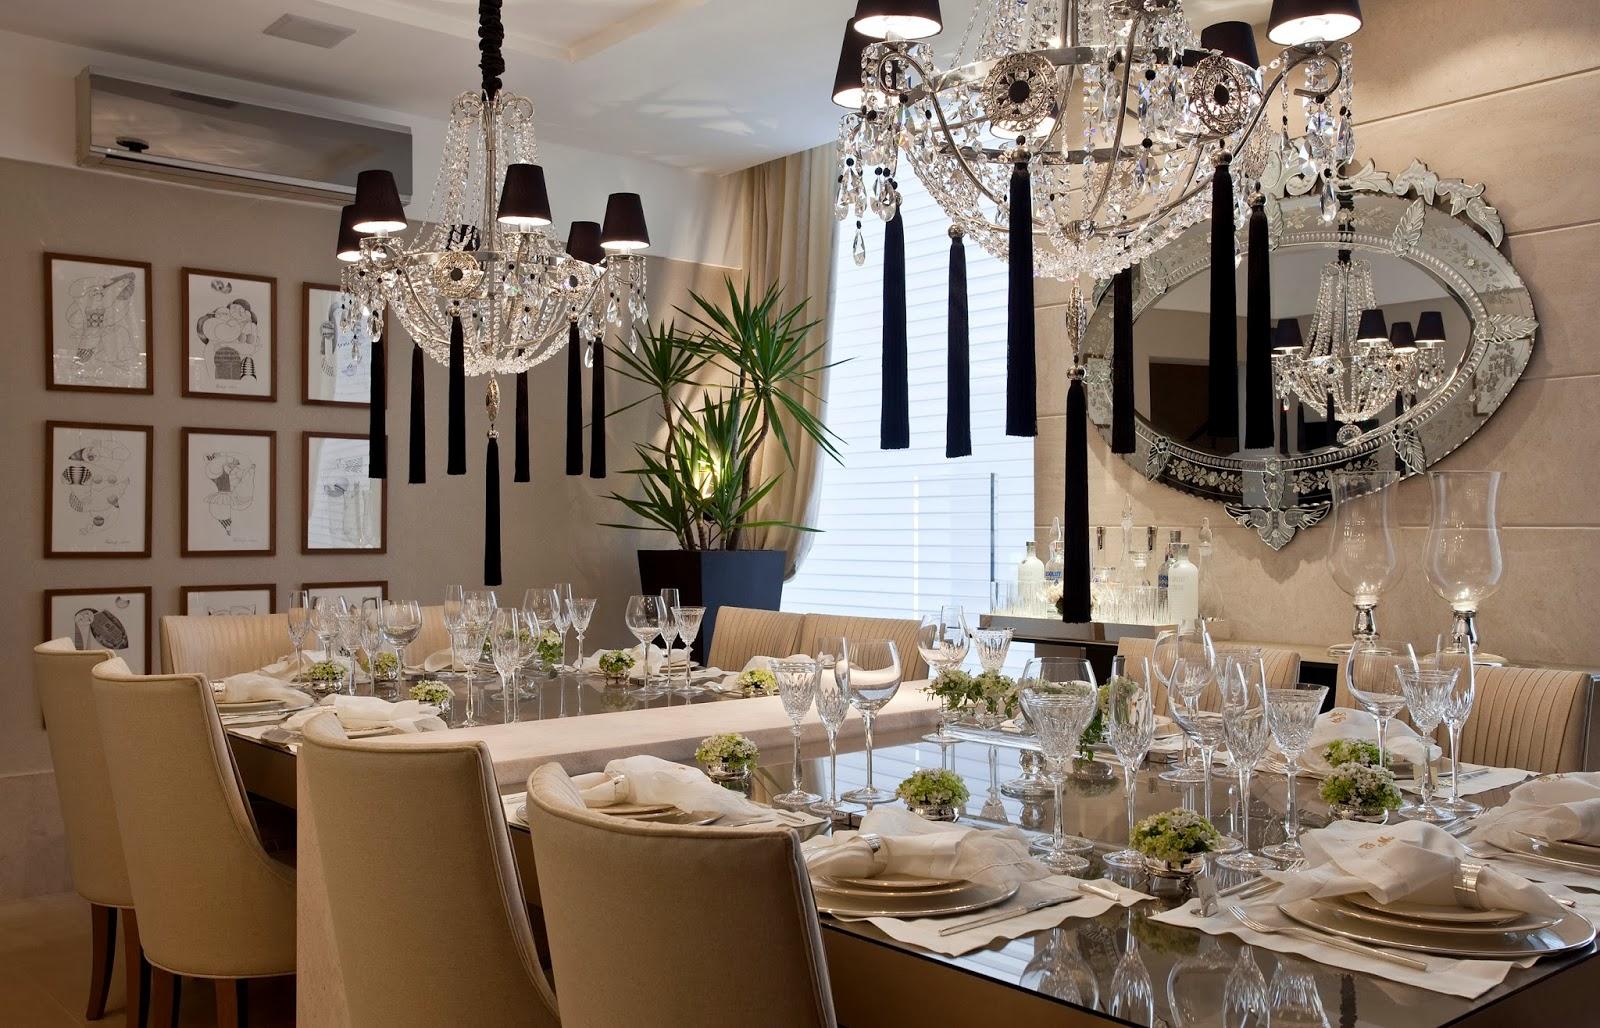 Sala De Estar Em Espanhol ~  muito mais caro e inacessível a muitos, reforçando a ideia de luxo